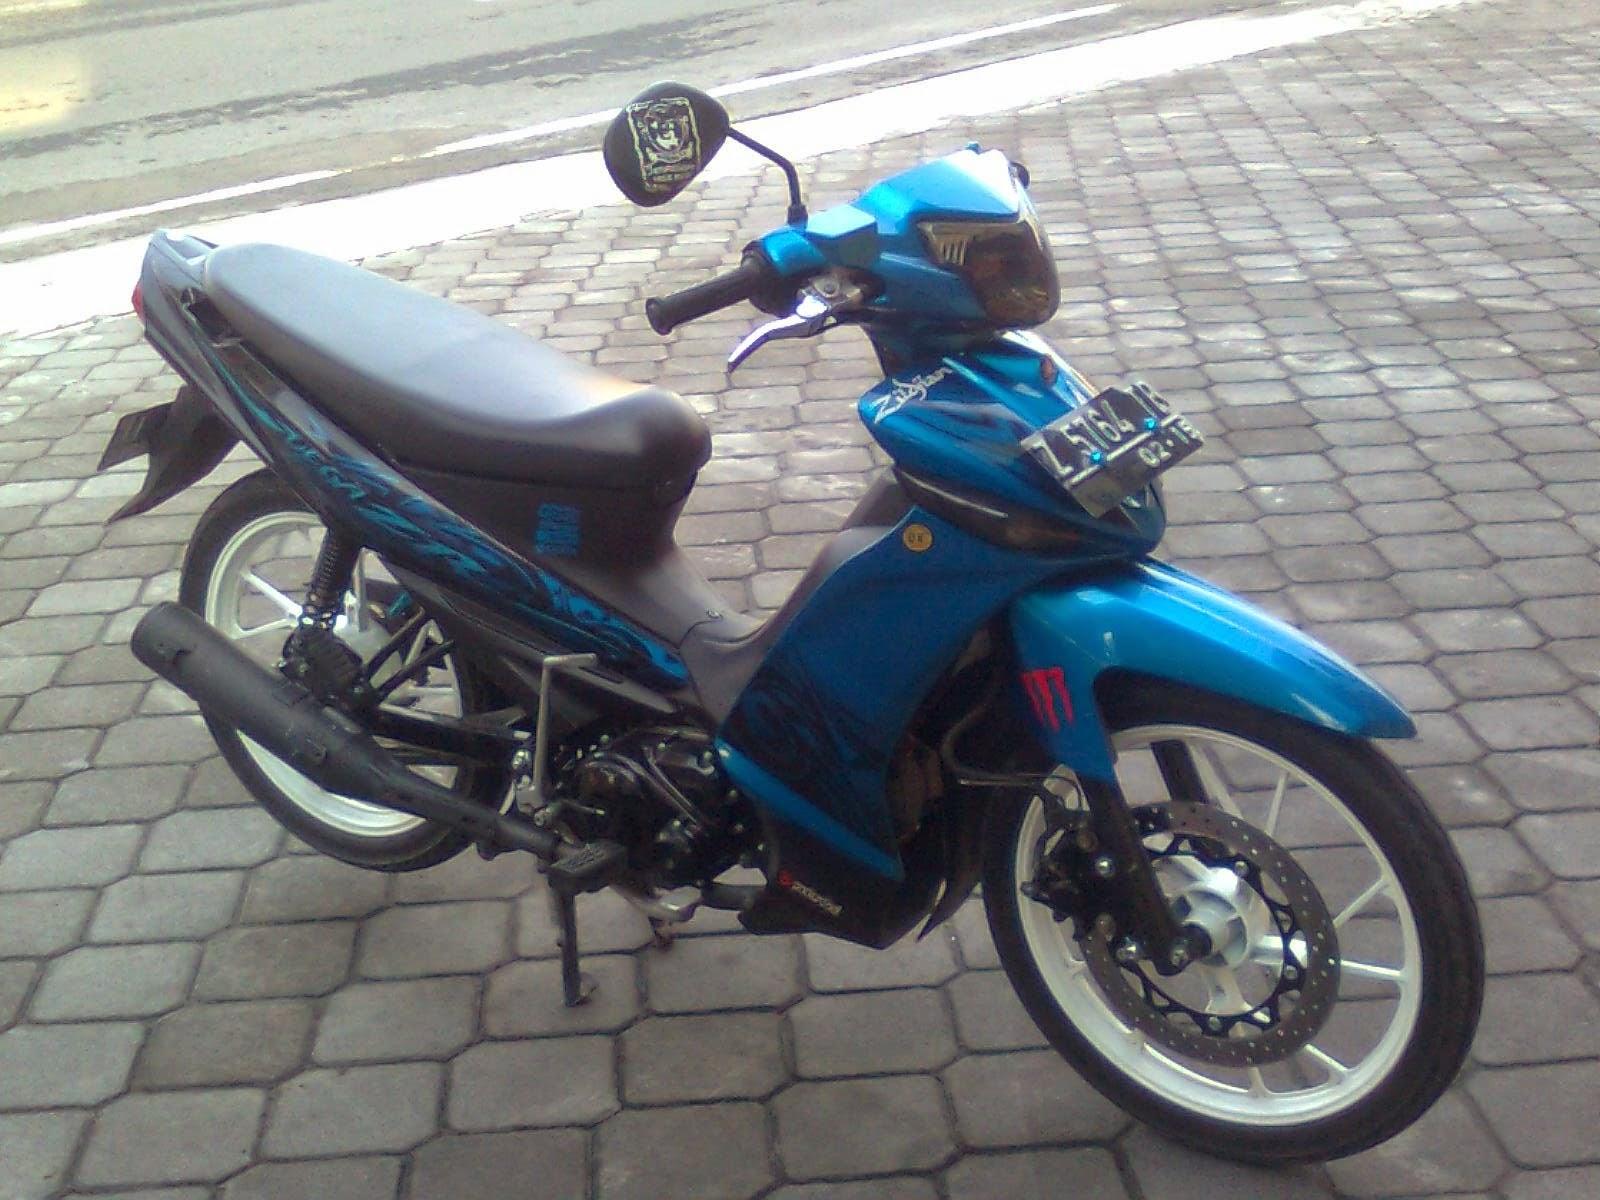 modifikasi motor yamaha vega zr biru